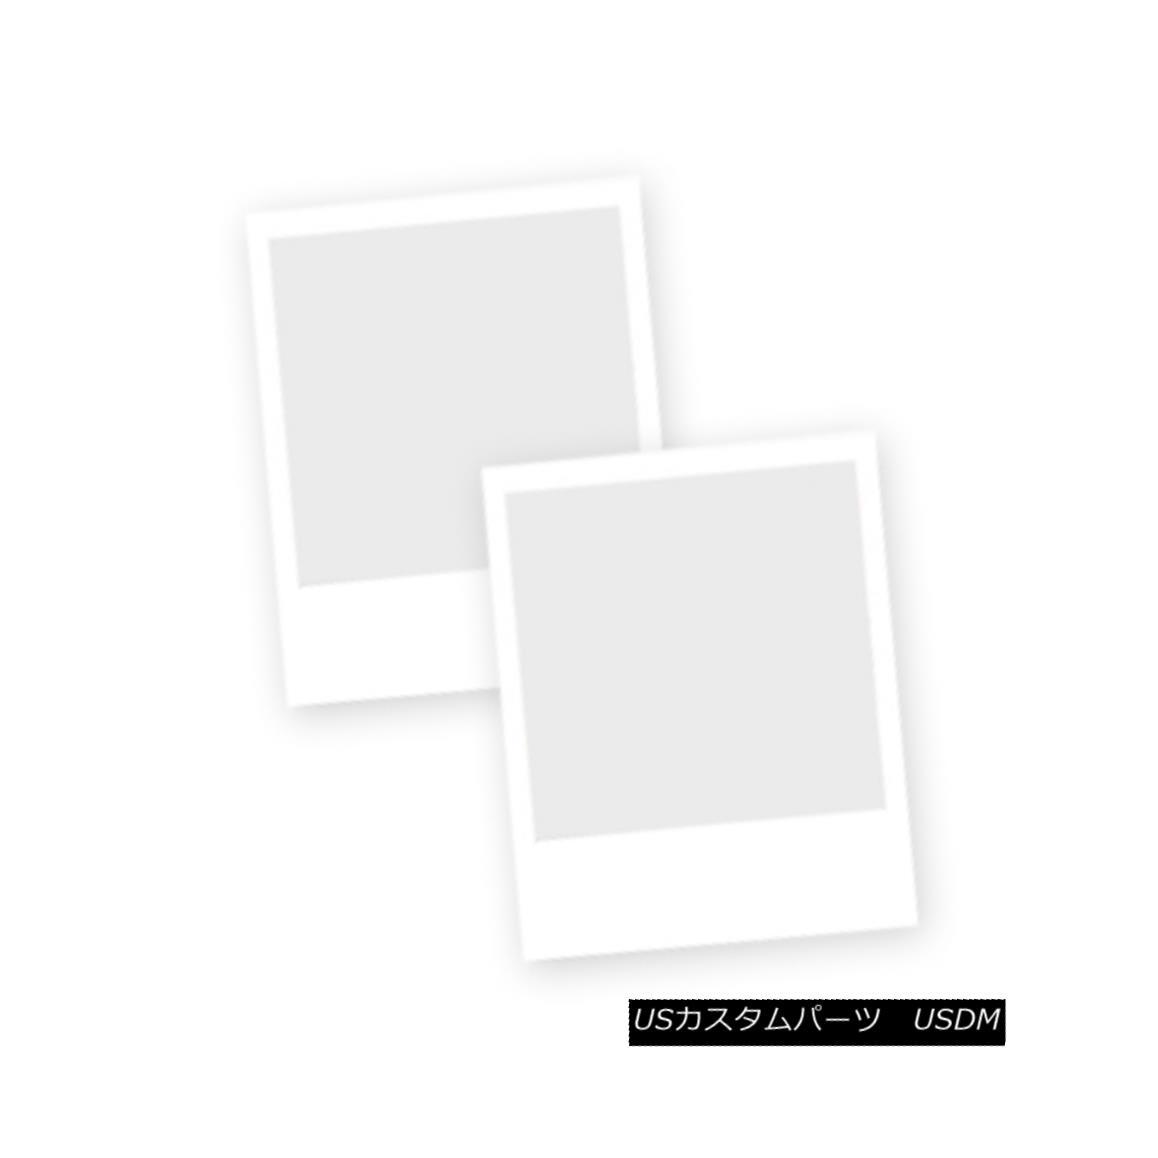 グリル New Replacement Front Grille Chrome 104-50136 Value 新しい交換フロントグリルクローム104-50136値